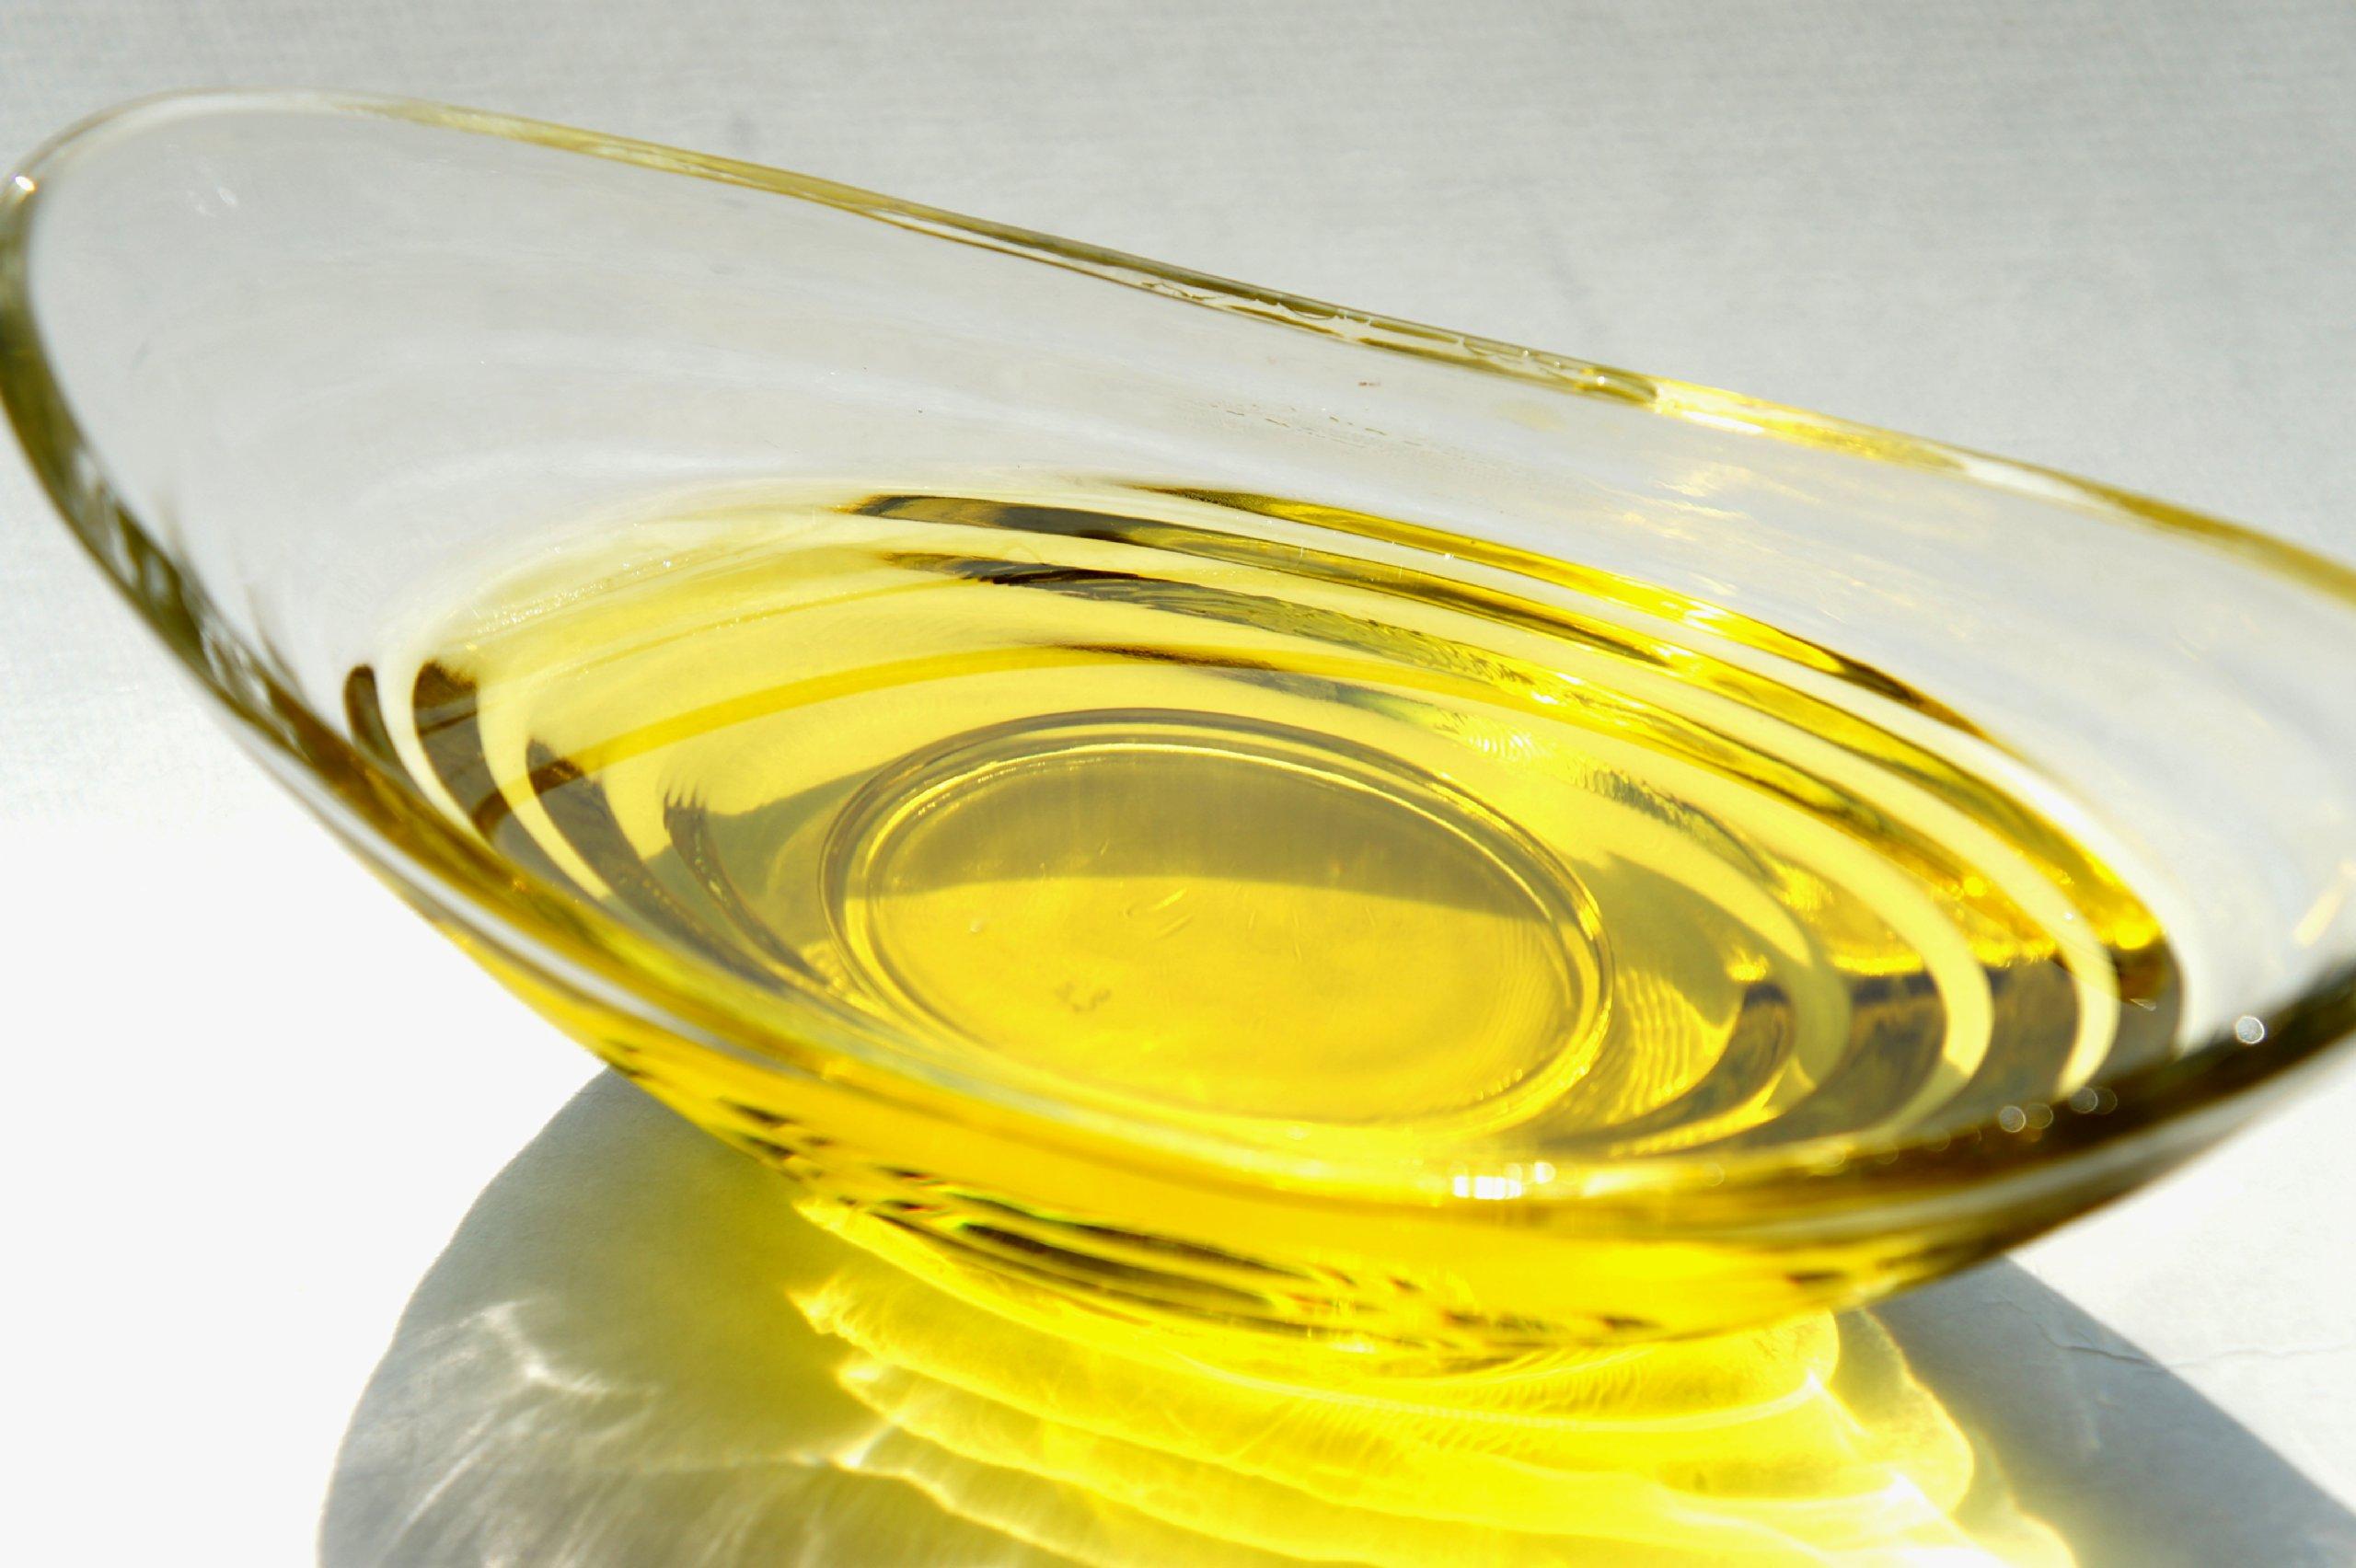 OLIVE OIL EXTRA VIRGIN ORGANIC UNREFINED 4 Oz RAW COLD PRESSED PREMIUM PURE